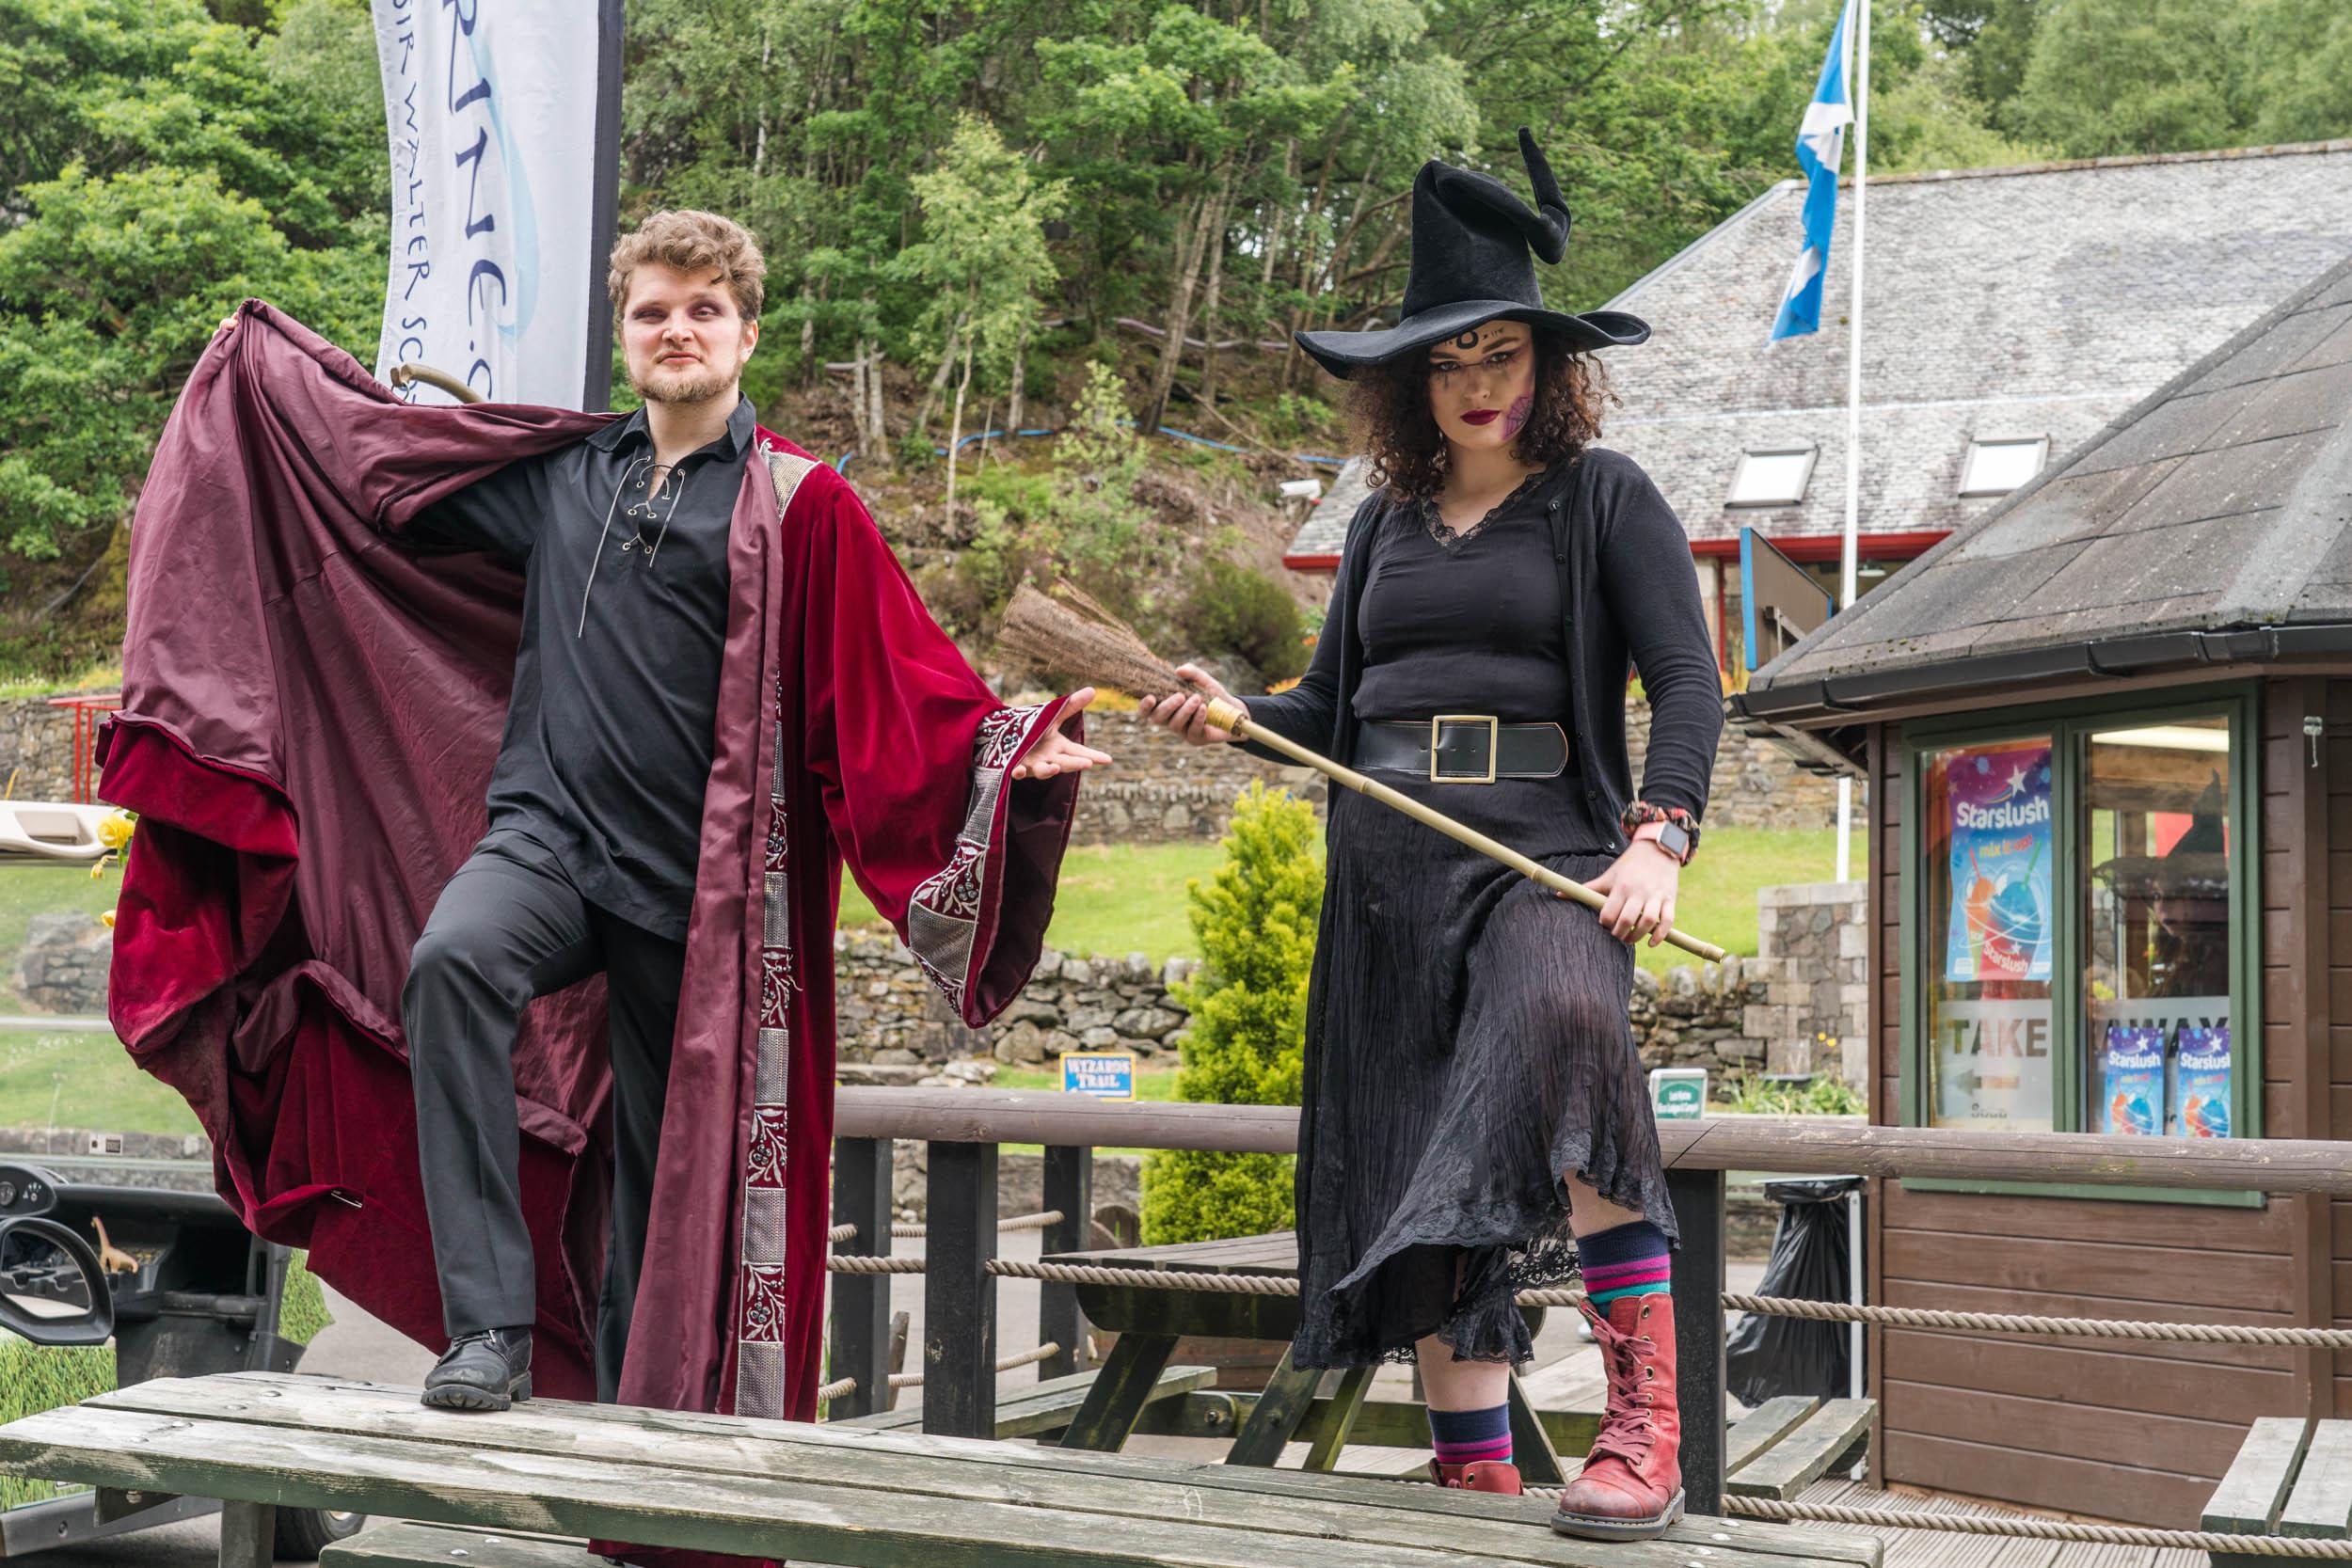 Witches-Wizards-Event-Loch-Katrine-06357.jpg